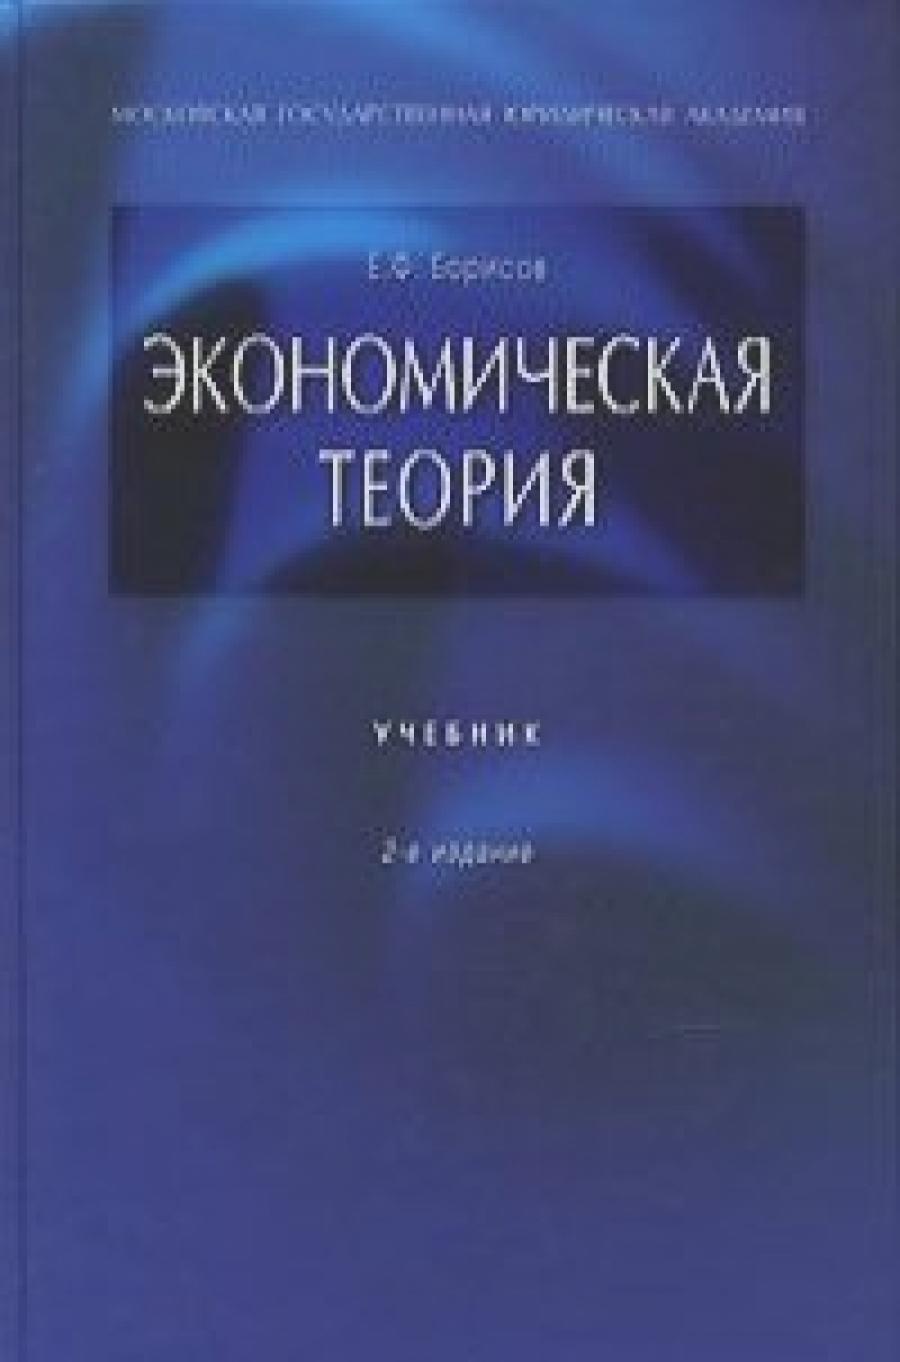 Обложка книги:  борисов е. ф. - экономическая теория (2-е изд.)